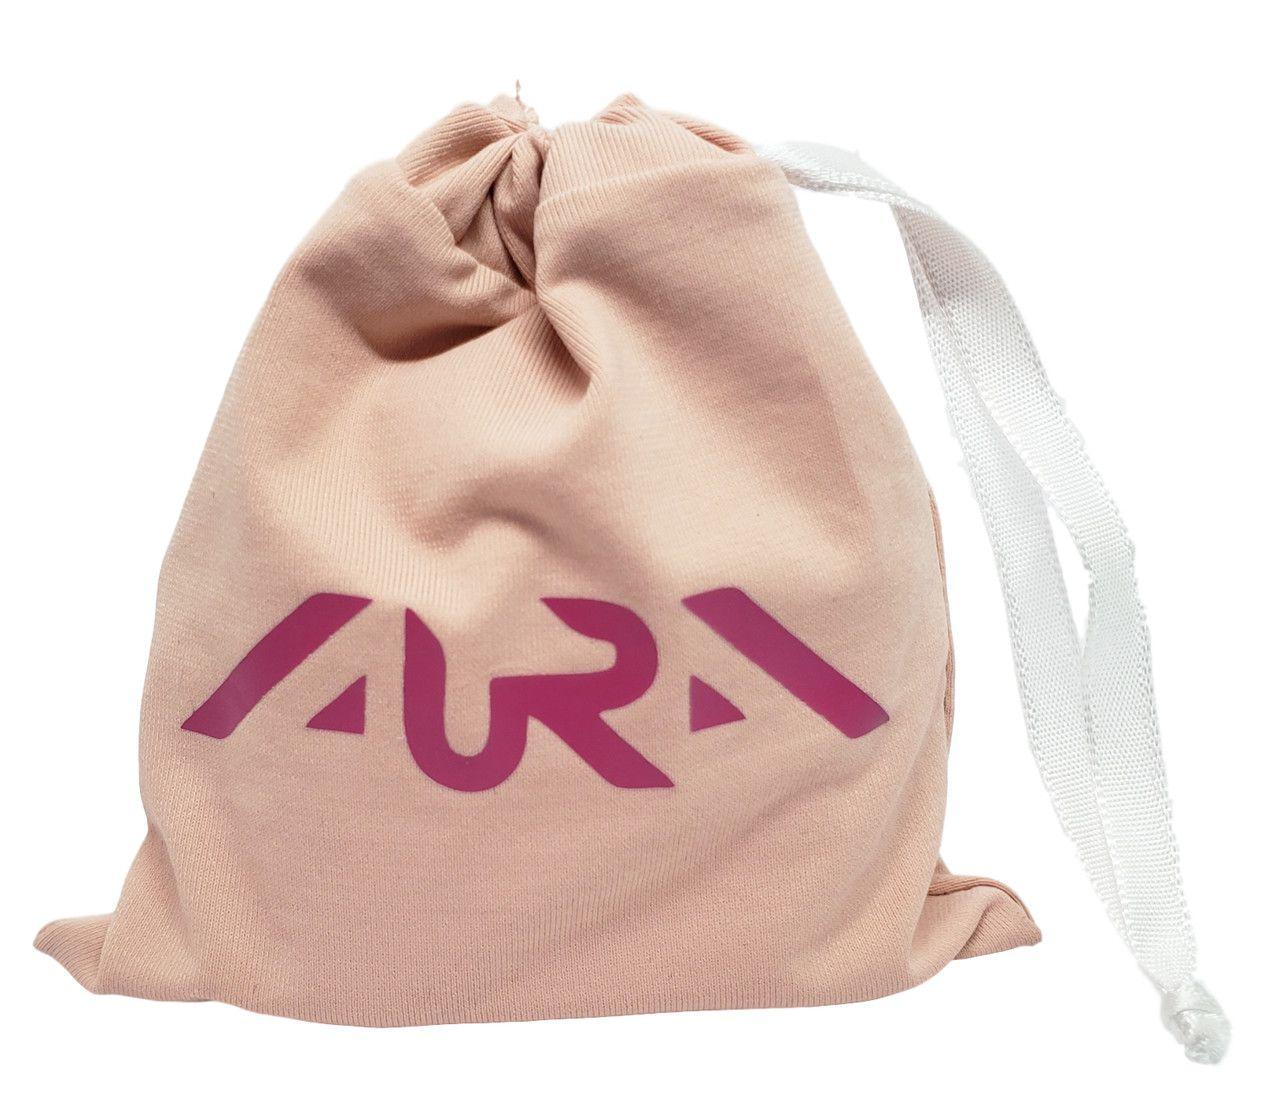 Saquinho de Malha Fluit Borda Simples 08x12 Personalização em PS Strech  - Litex Embalagens